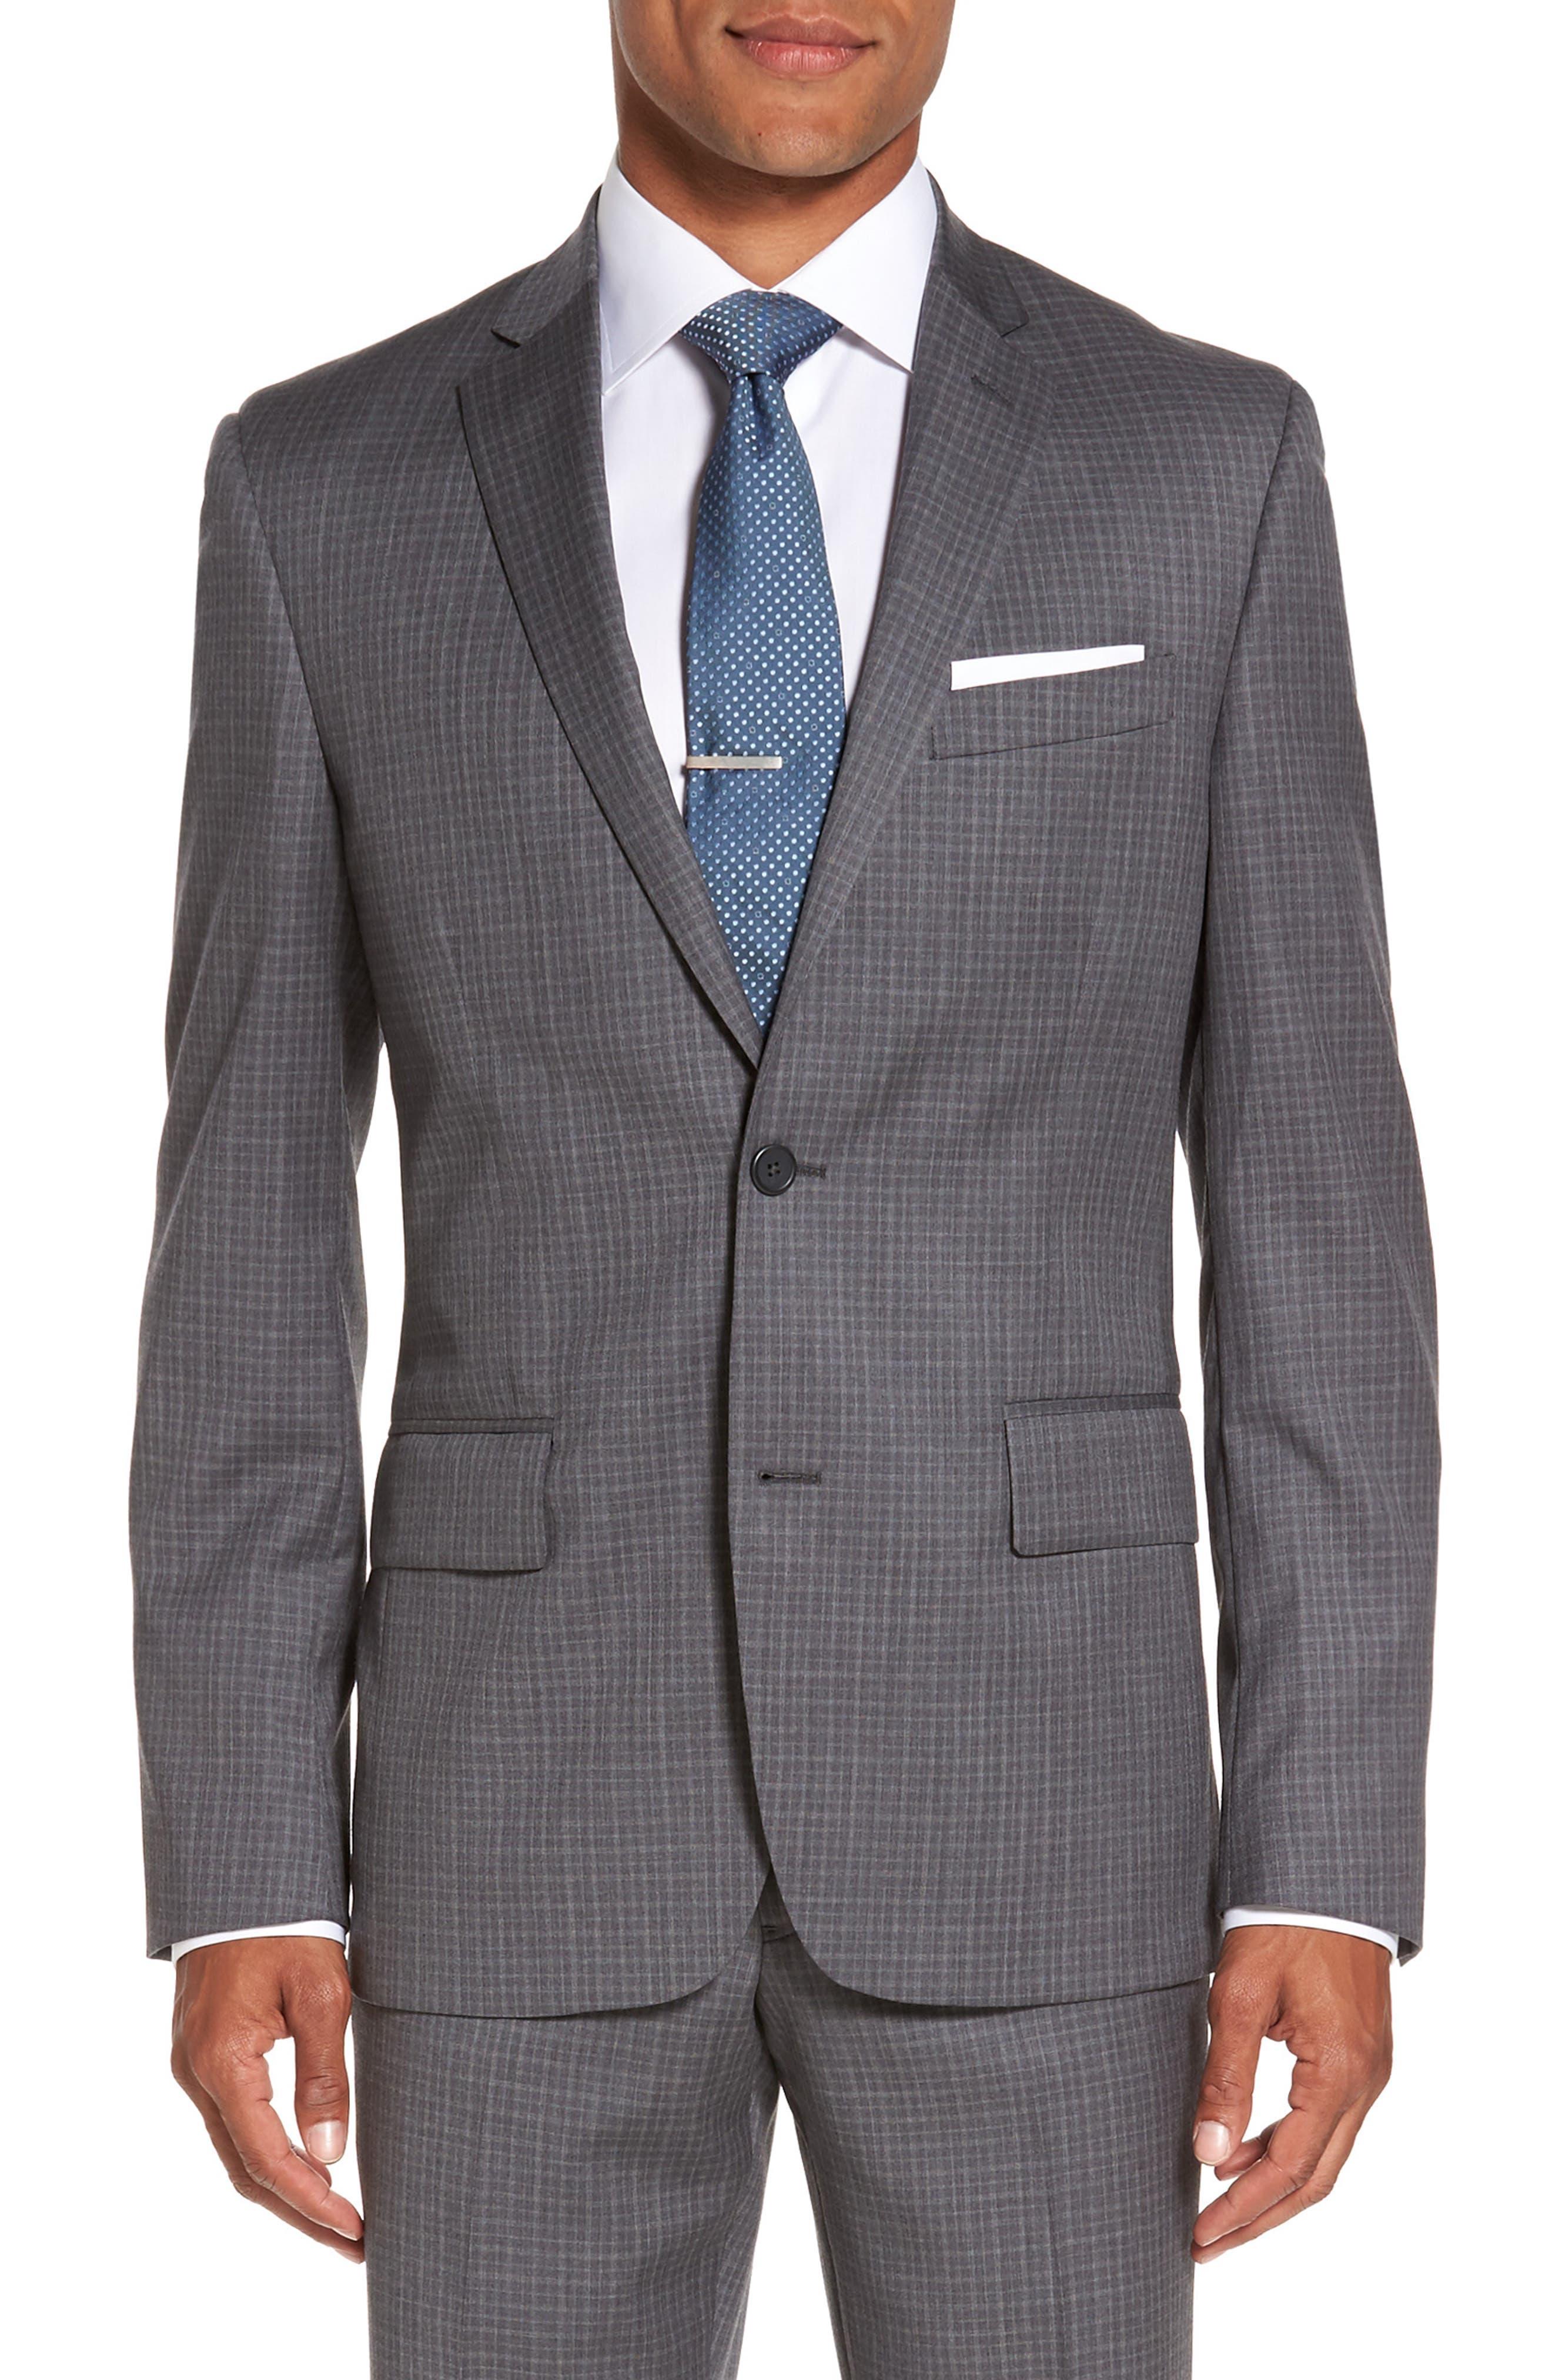 Nordstrom Men's Shop Cross Hatch Wool Sport Coat